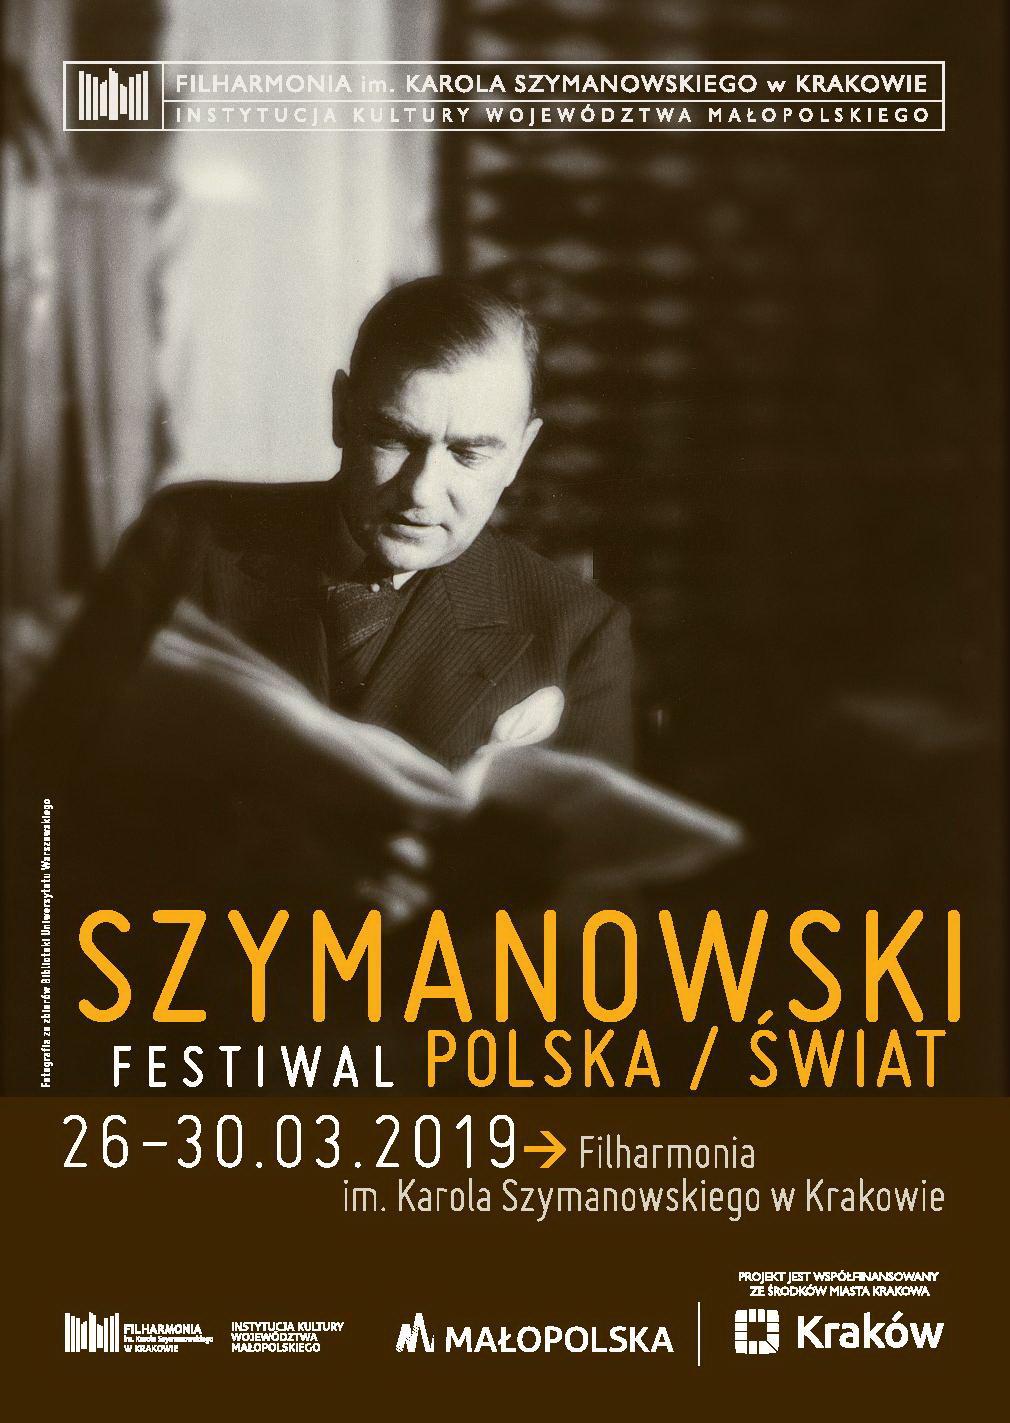 Festiwal SZYMANOWSKI / POLSKA / ŚWIAT (źródło: materiały prasowe)